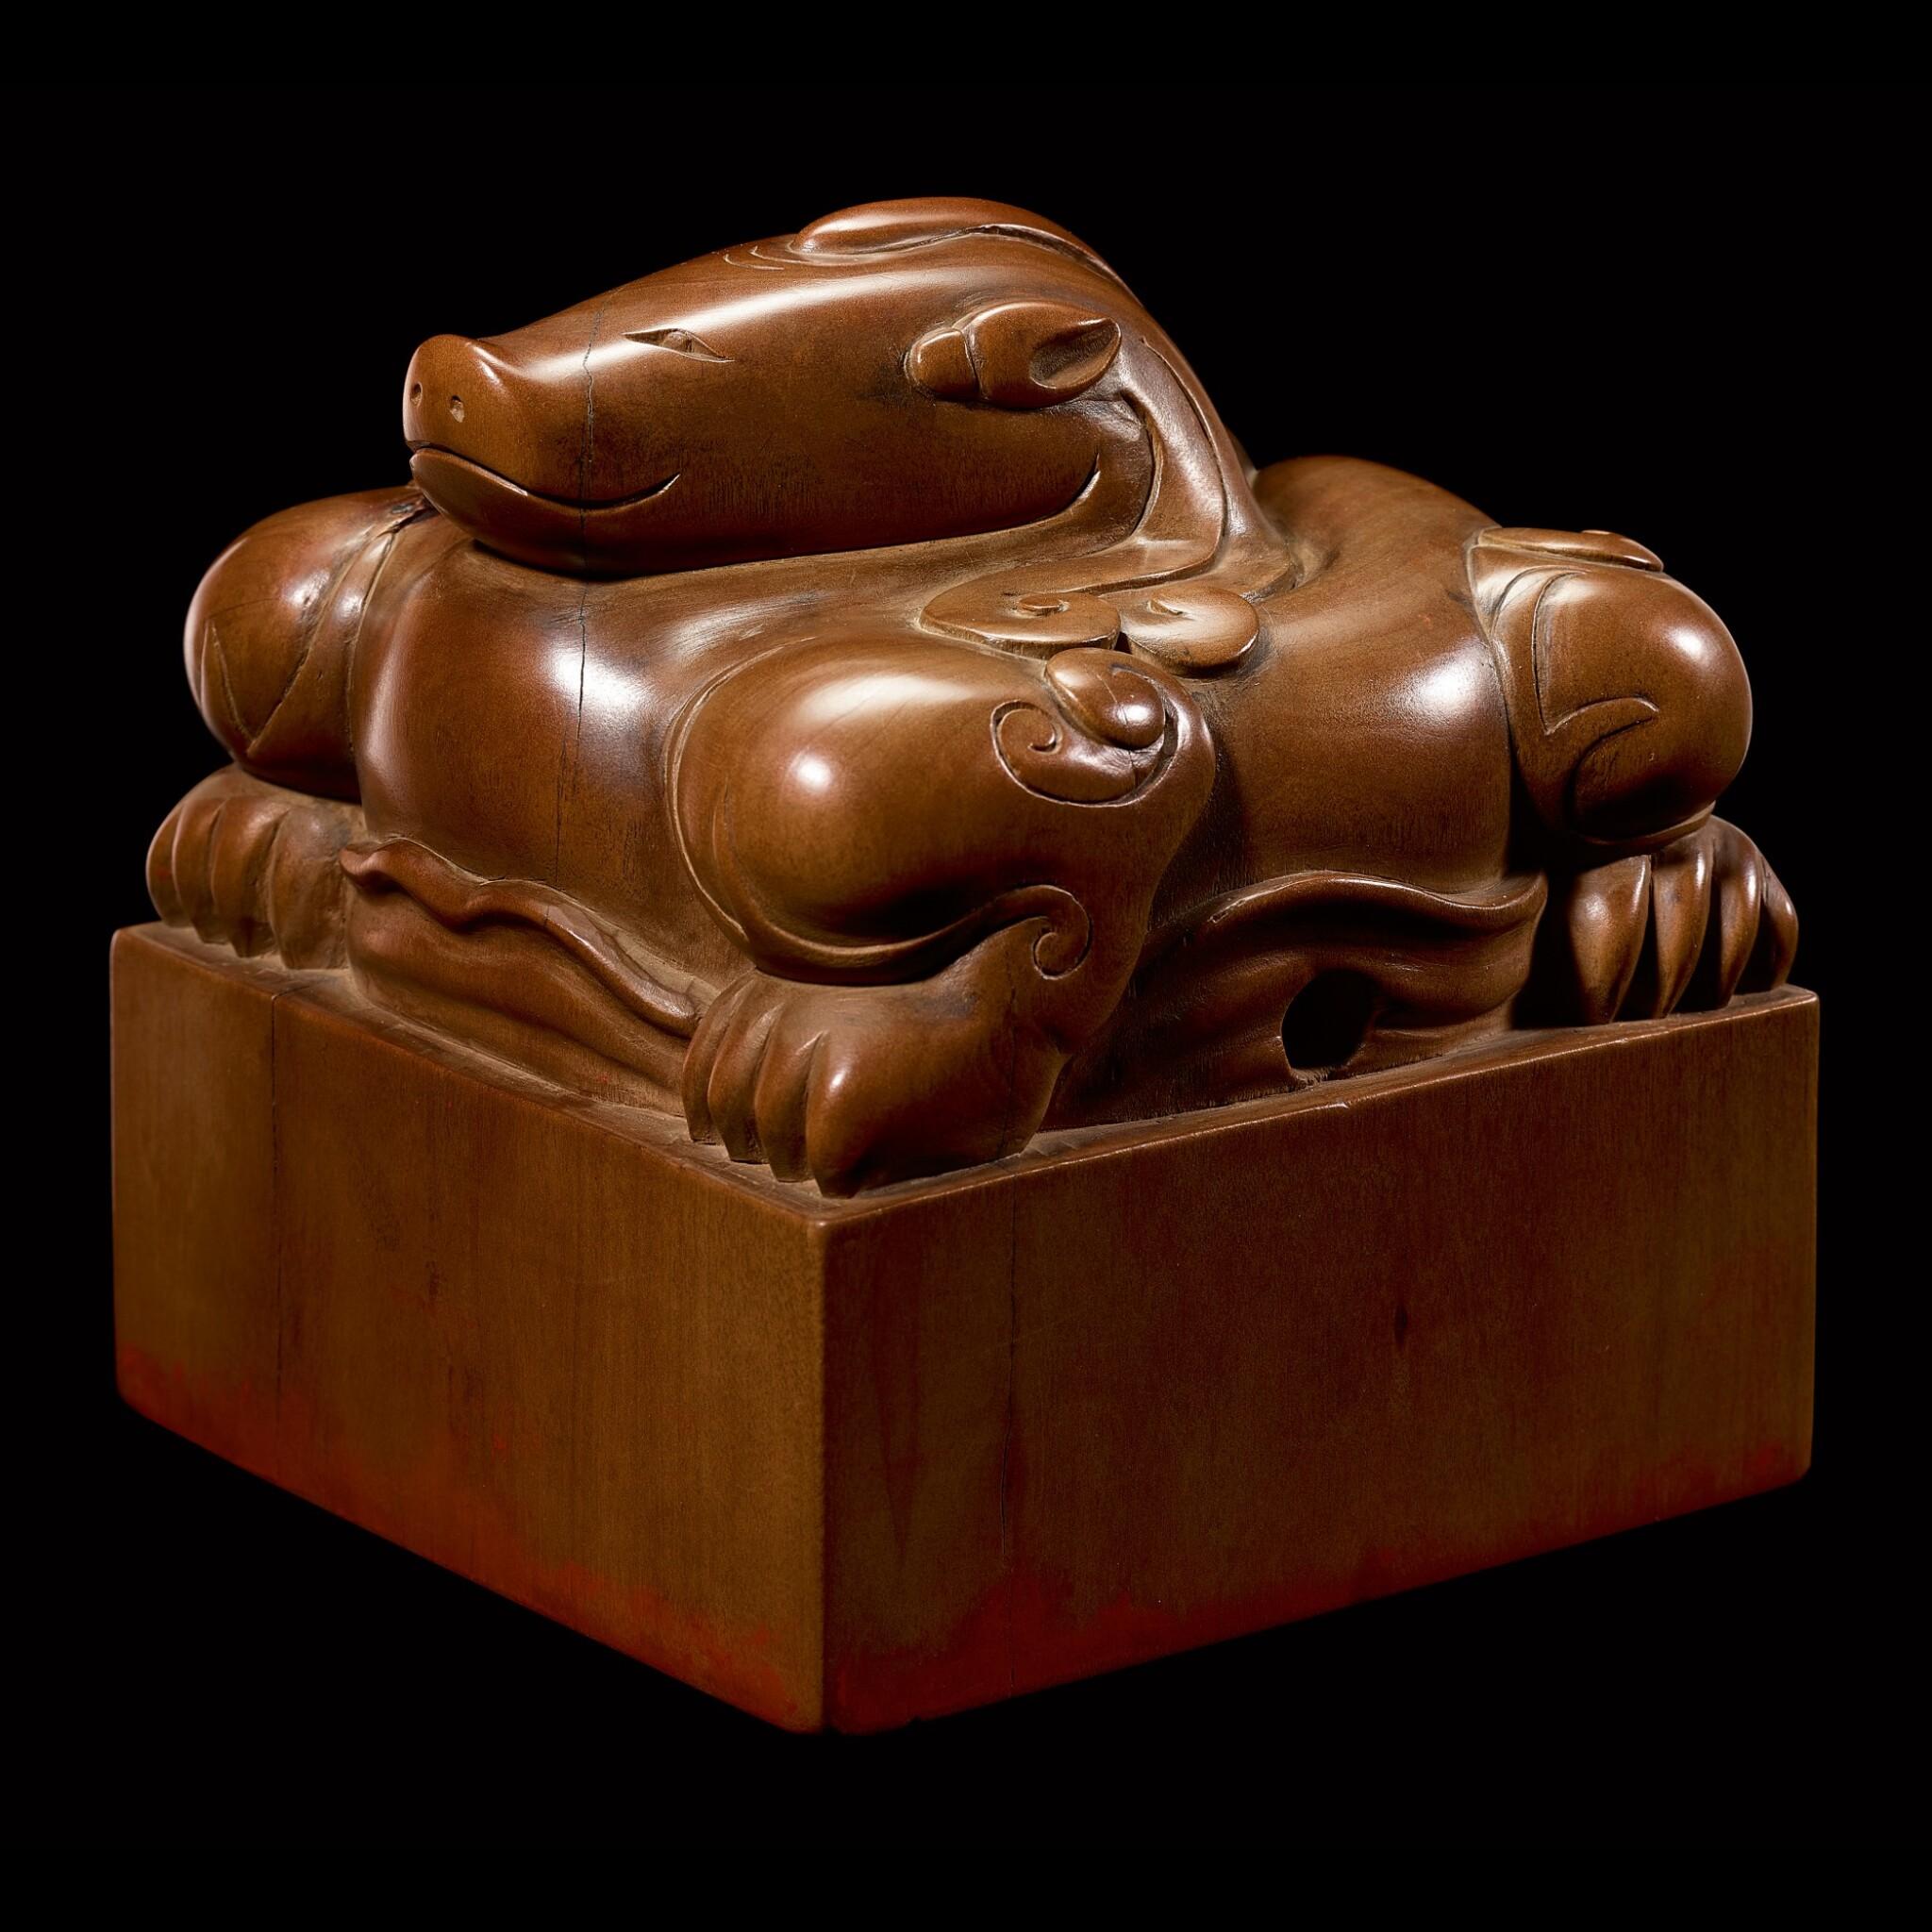 View full screen - View 1 of Lot 3602. An exceptional imperial tanxiangmu 'Jingtian Qinmin' seal Qing dynasty, Kangxi period | 清康熙 康熙帝御寶檀香木異獸鈕方璽 印文:敬天勤民.